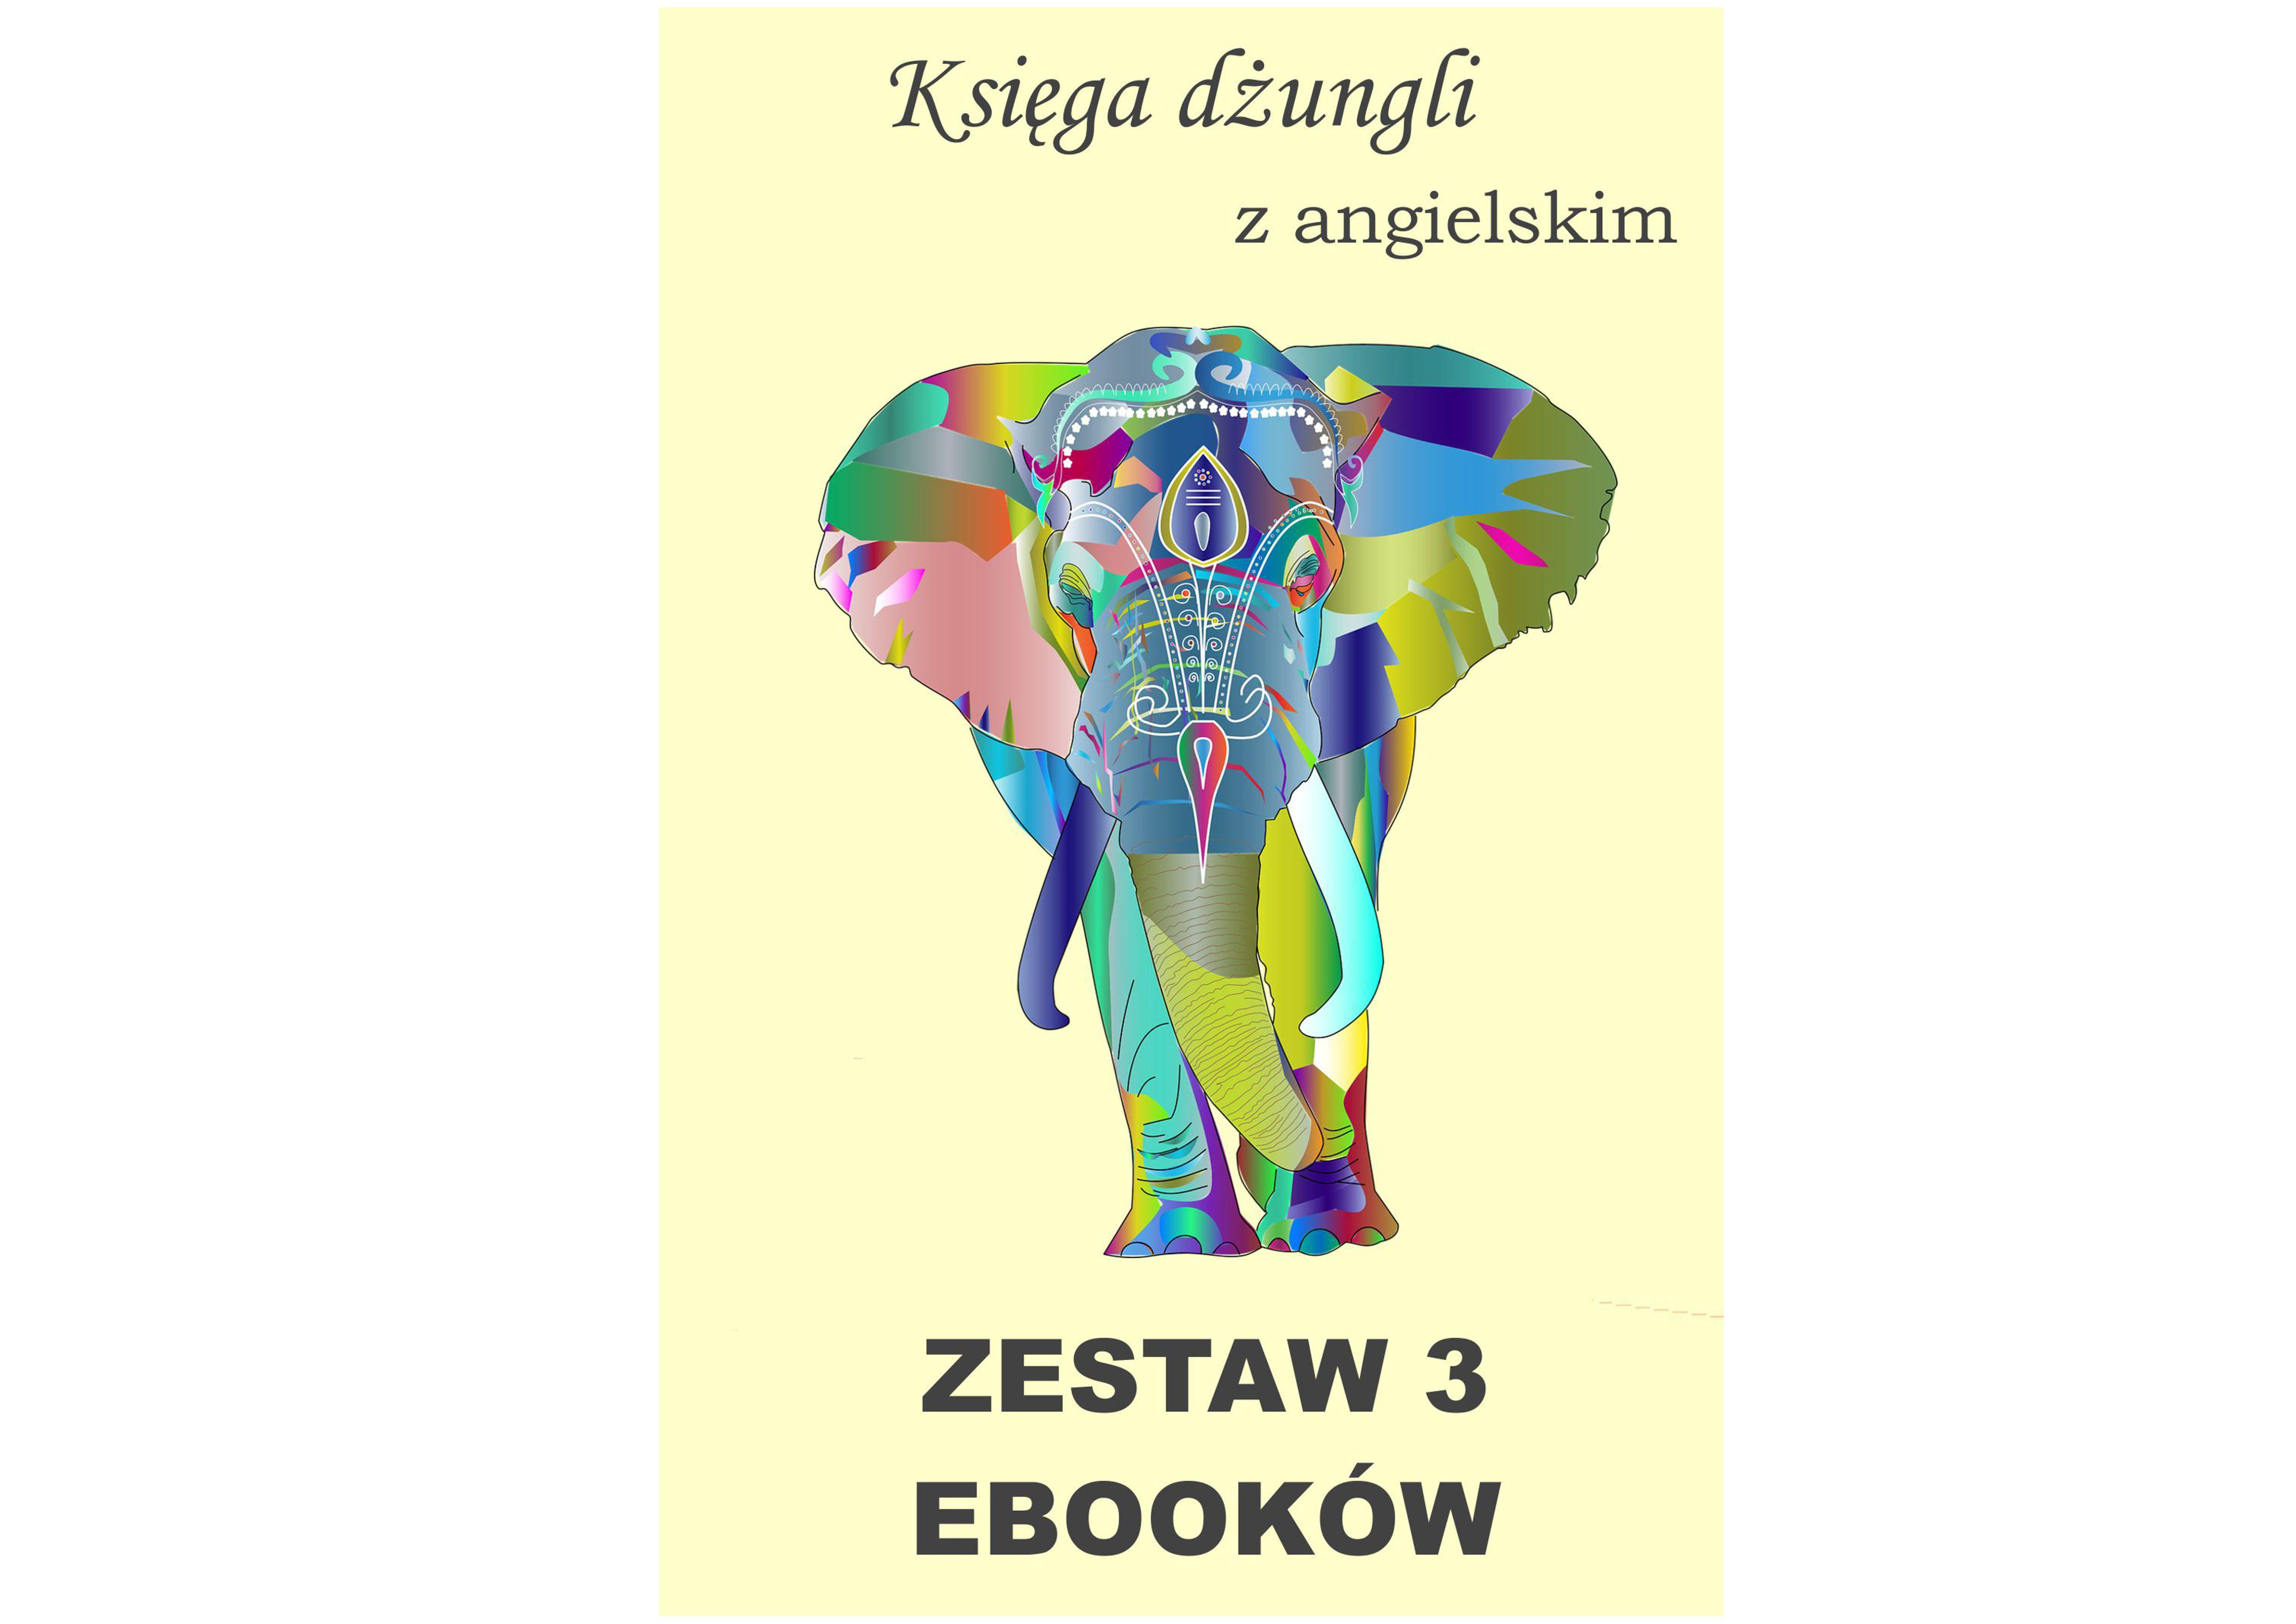 ksiega dzungli